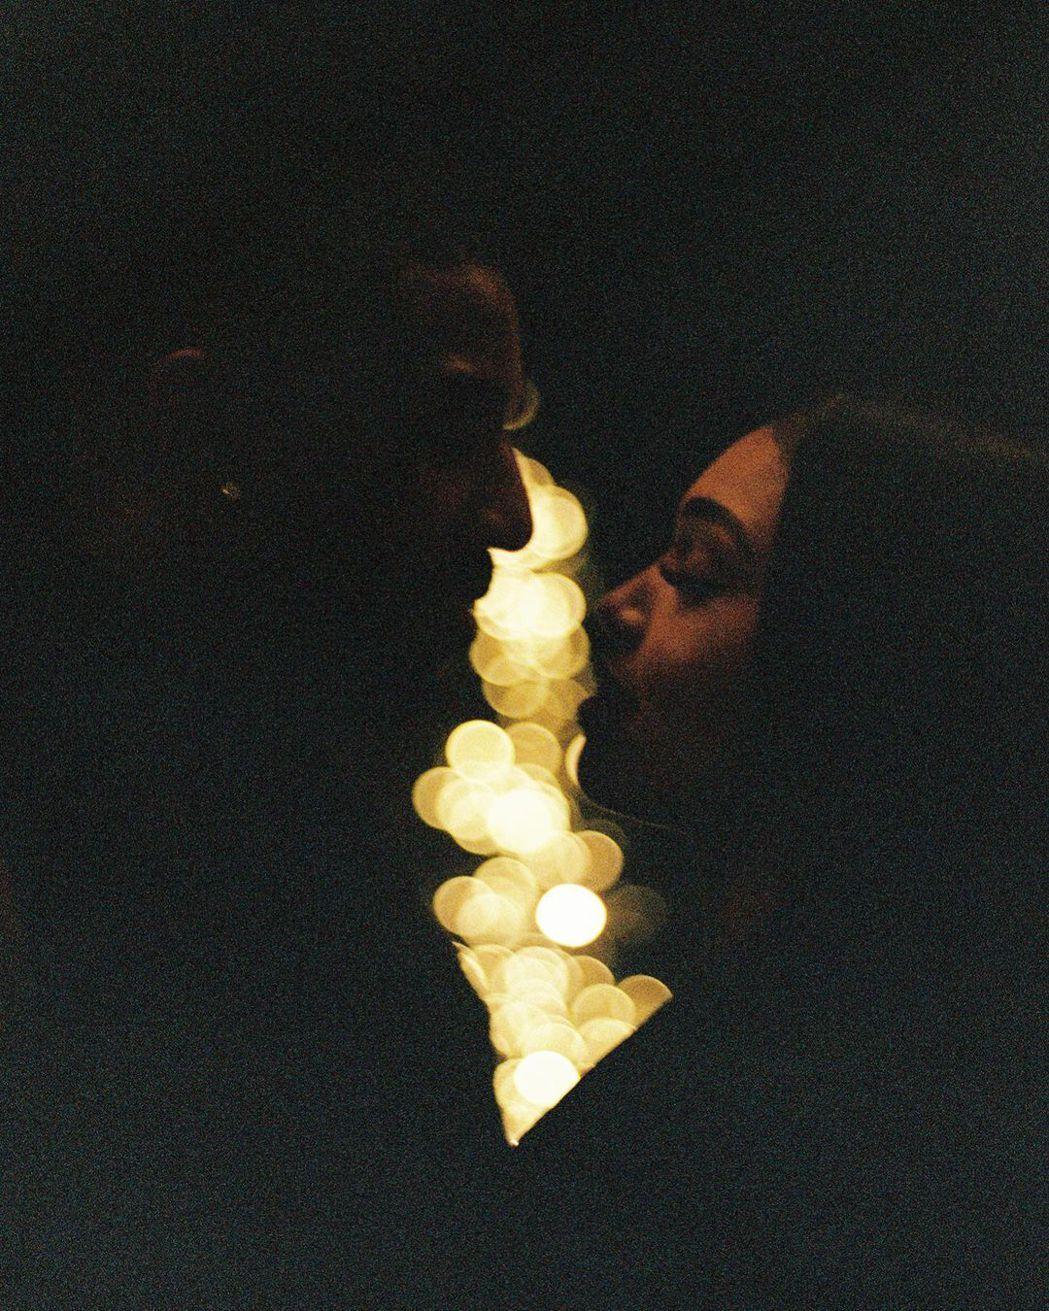 麥可B喬丹與洛莉哈維的照片雖然畫面不明亮,卻難掩彼此情意。圖/摘自Instagr...